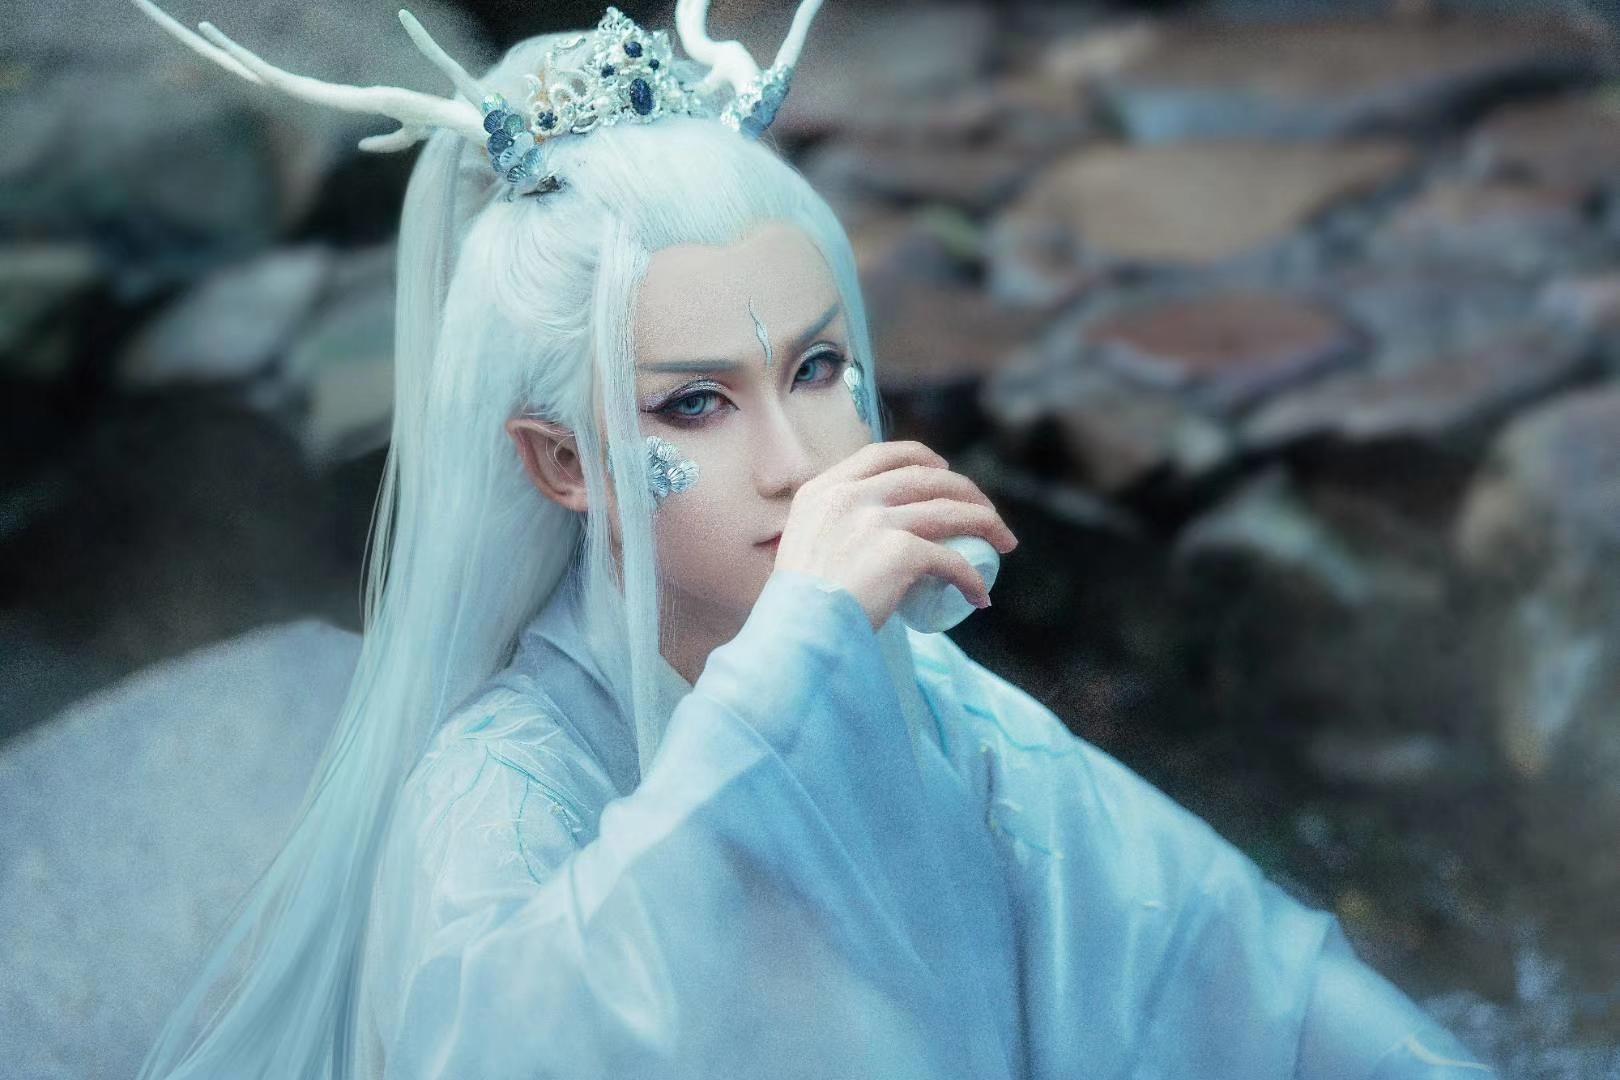 正片cosplay【CN:静琴情汐君_qq】 -公主cosplay服装图片插图